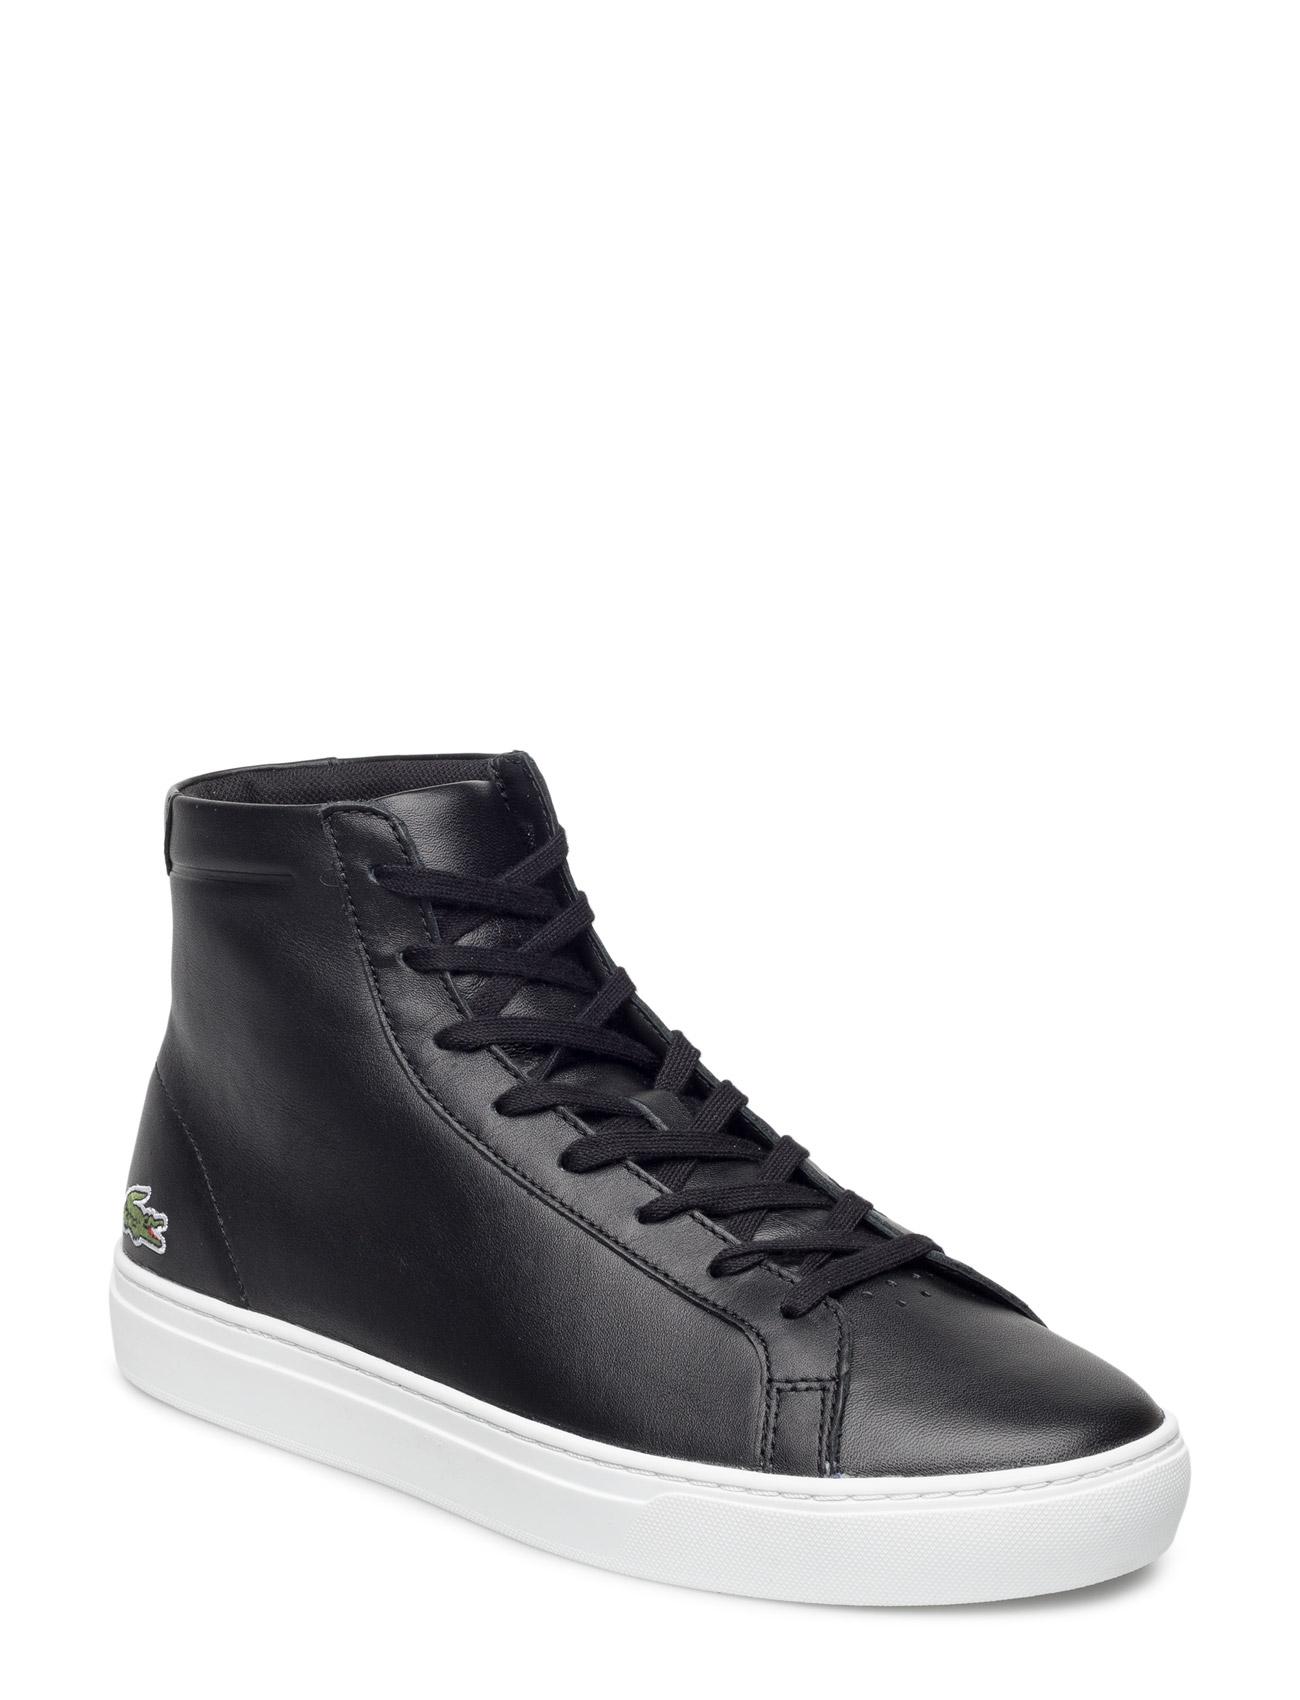 L.12.12 Mid 316 1 Lacoste Shoes Sneakers til Herrer i